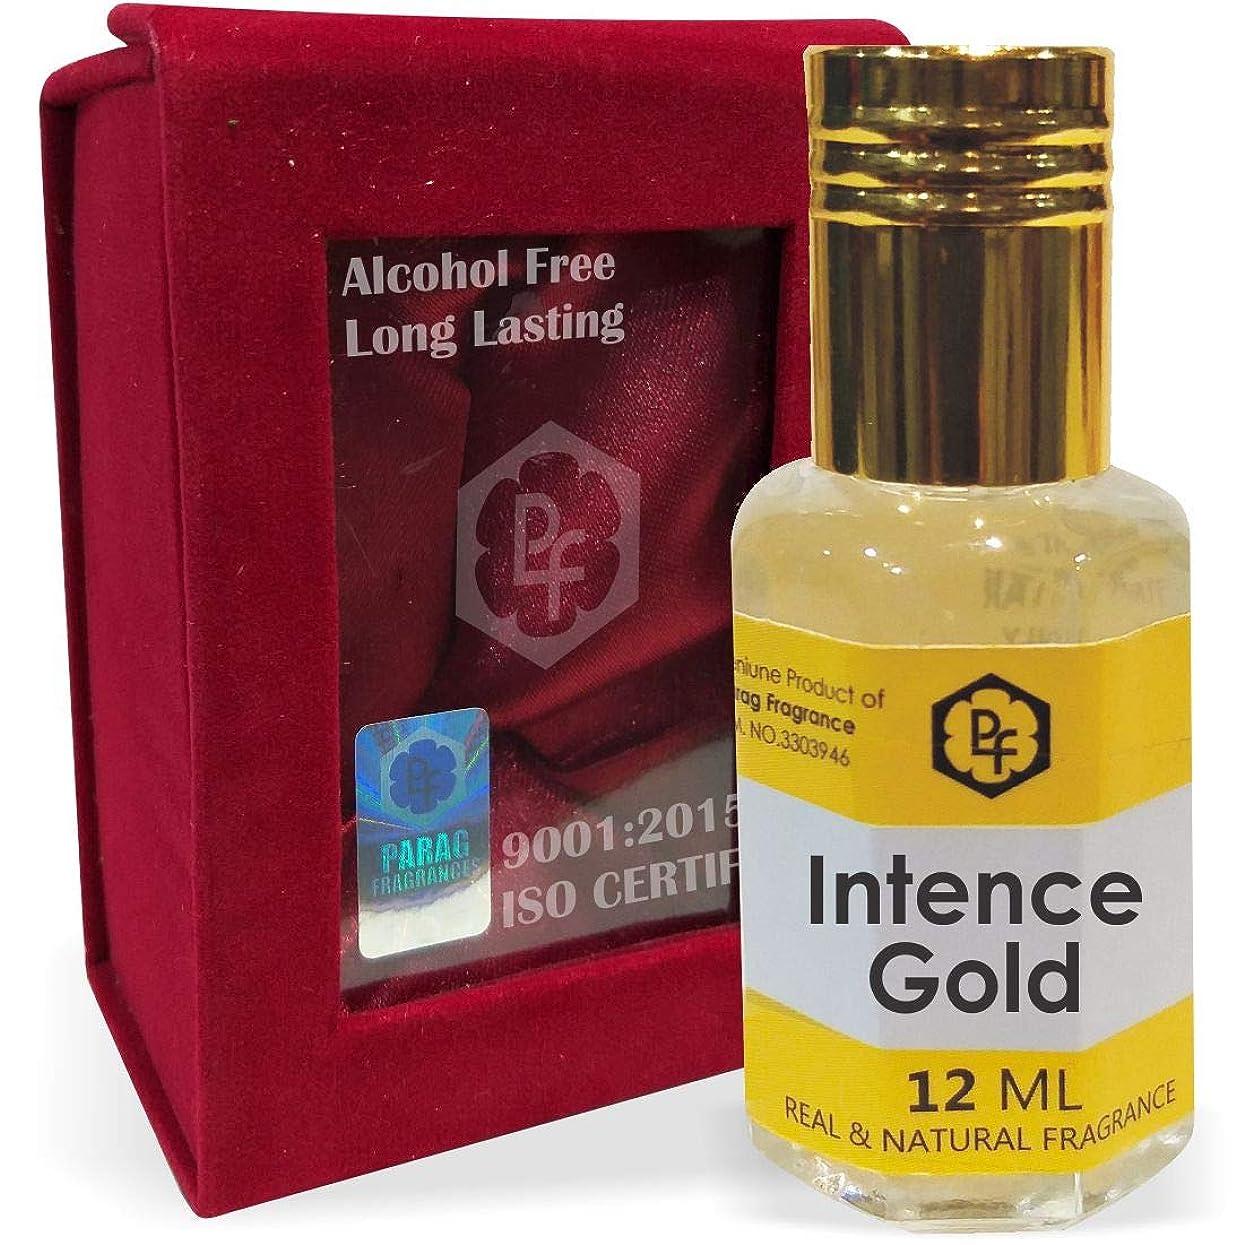 置き場求人サスペンド手作りのベルベットボックスParagフレグランスIntenceゴールド12ミリリットルアター/香油/(インドの伝統的なBhapka処理方法により、インド製)フレグランスオイル|アターITRA最高の品質長持ち